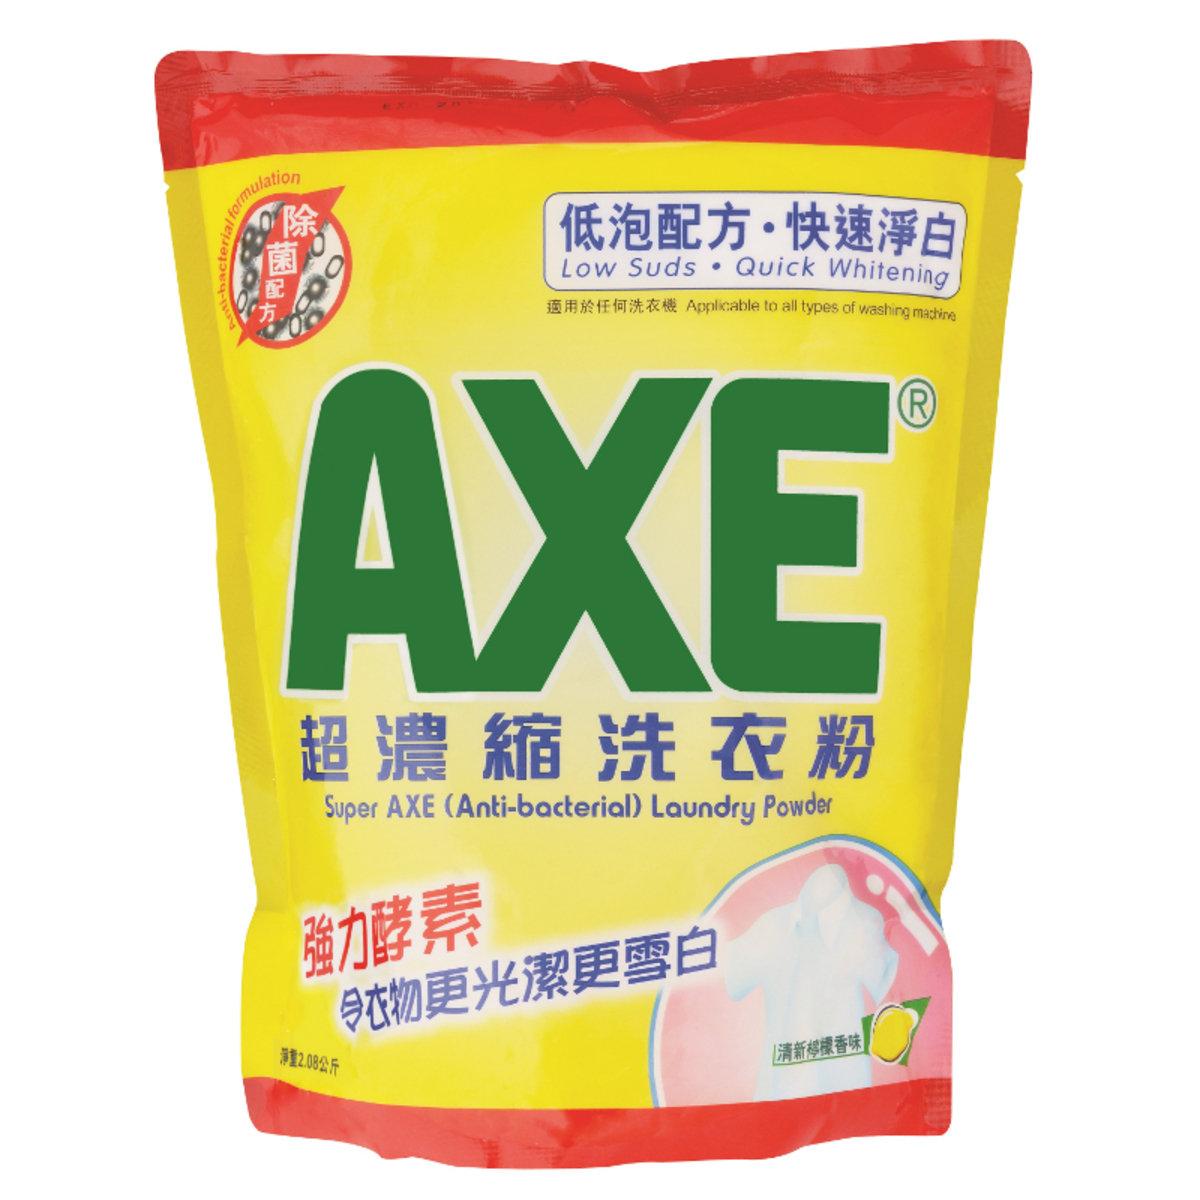 超濃縮洗衣粉 (補充裝)